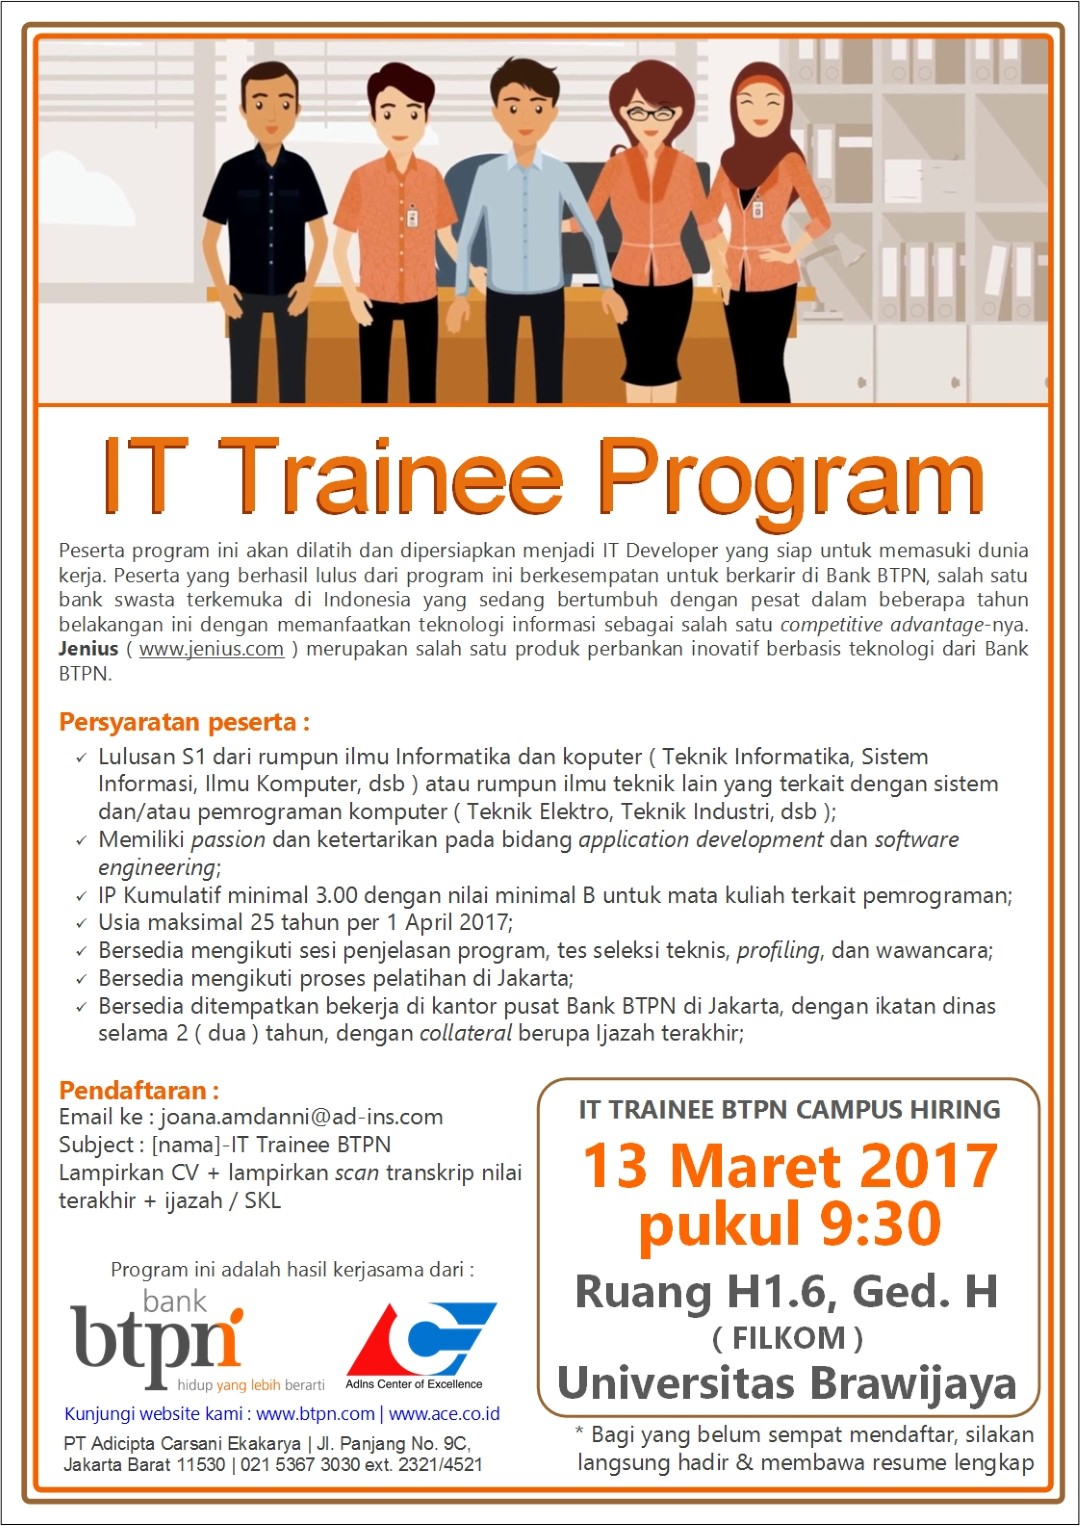 07_IT_Trainee_Program_BTPN